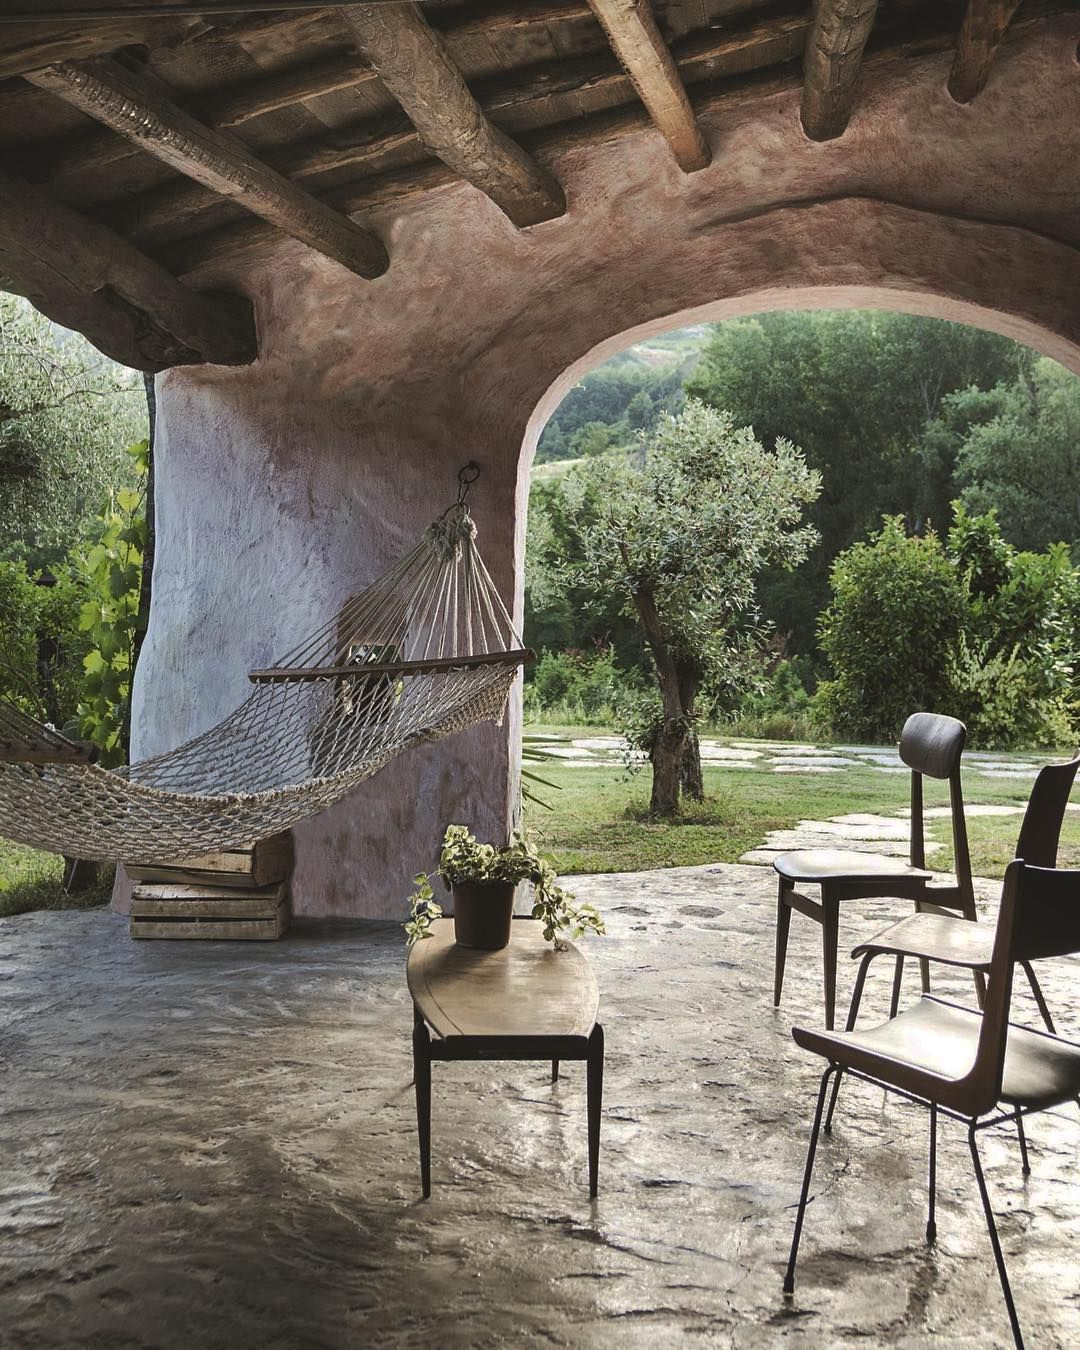 Arredamento Emilia Romagna farmhouse in emilia-romagna, italy by filippo marconi